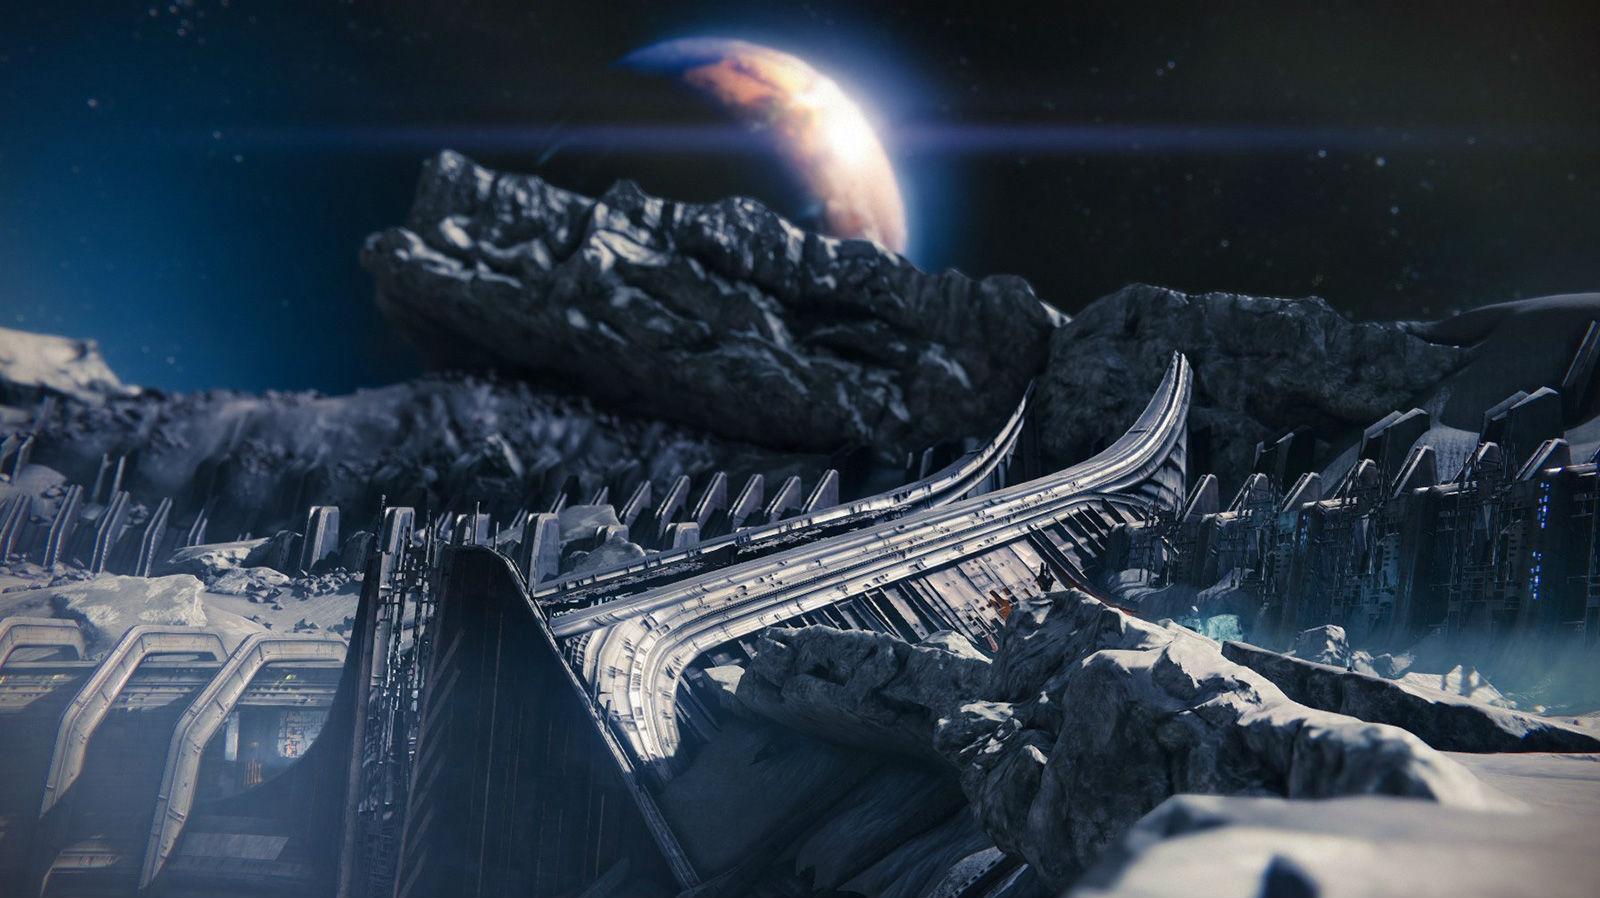 Halo Reach 3d Wallpaper Pc Destiny D 233 Voile Ses Classes En Vid 233 Os Et Fait Le Plein D